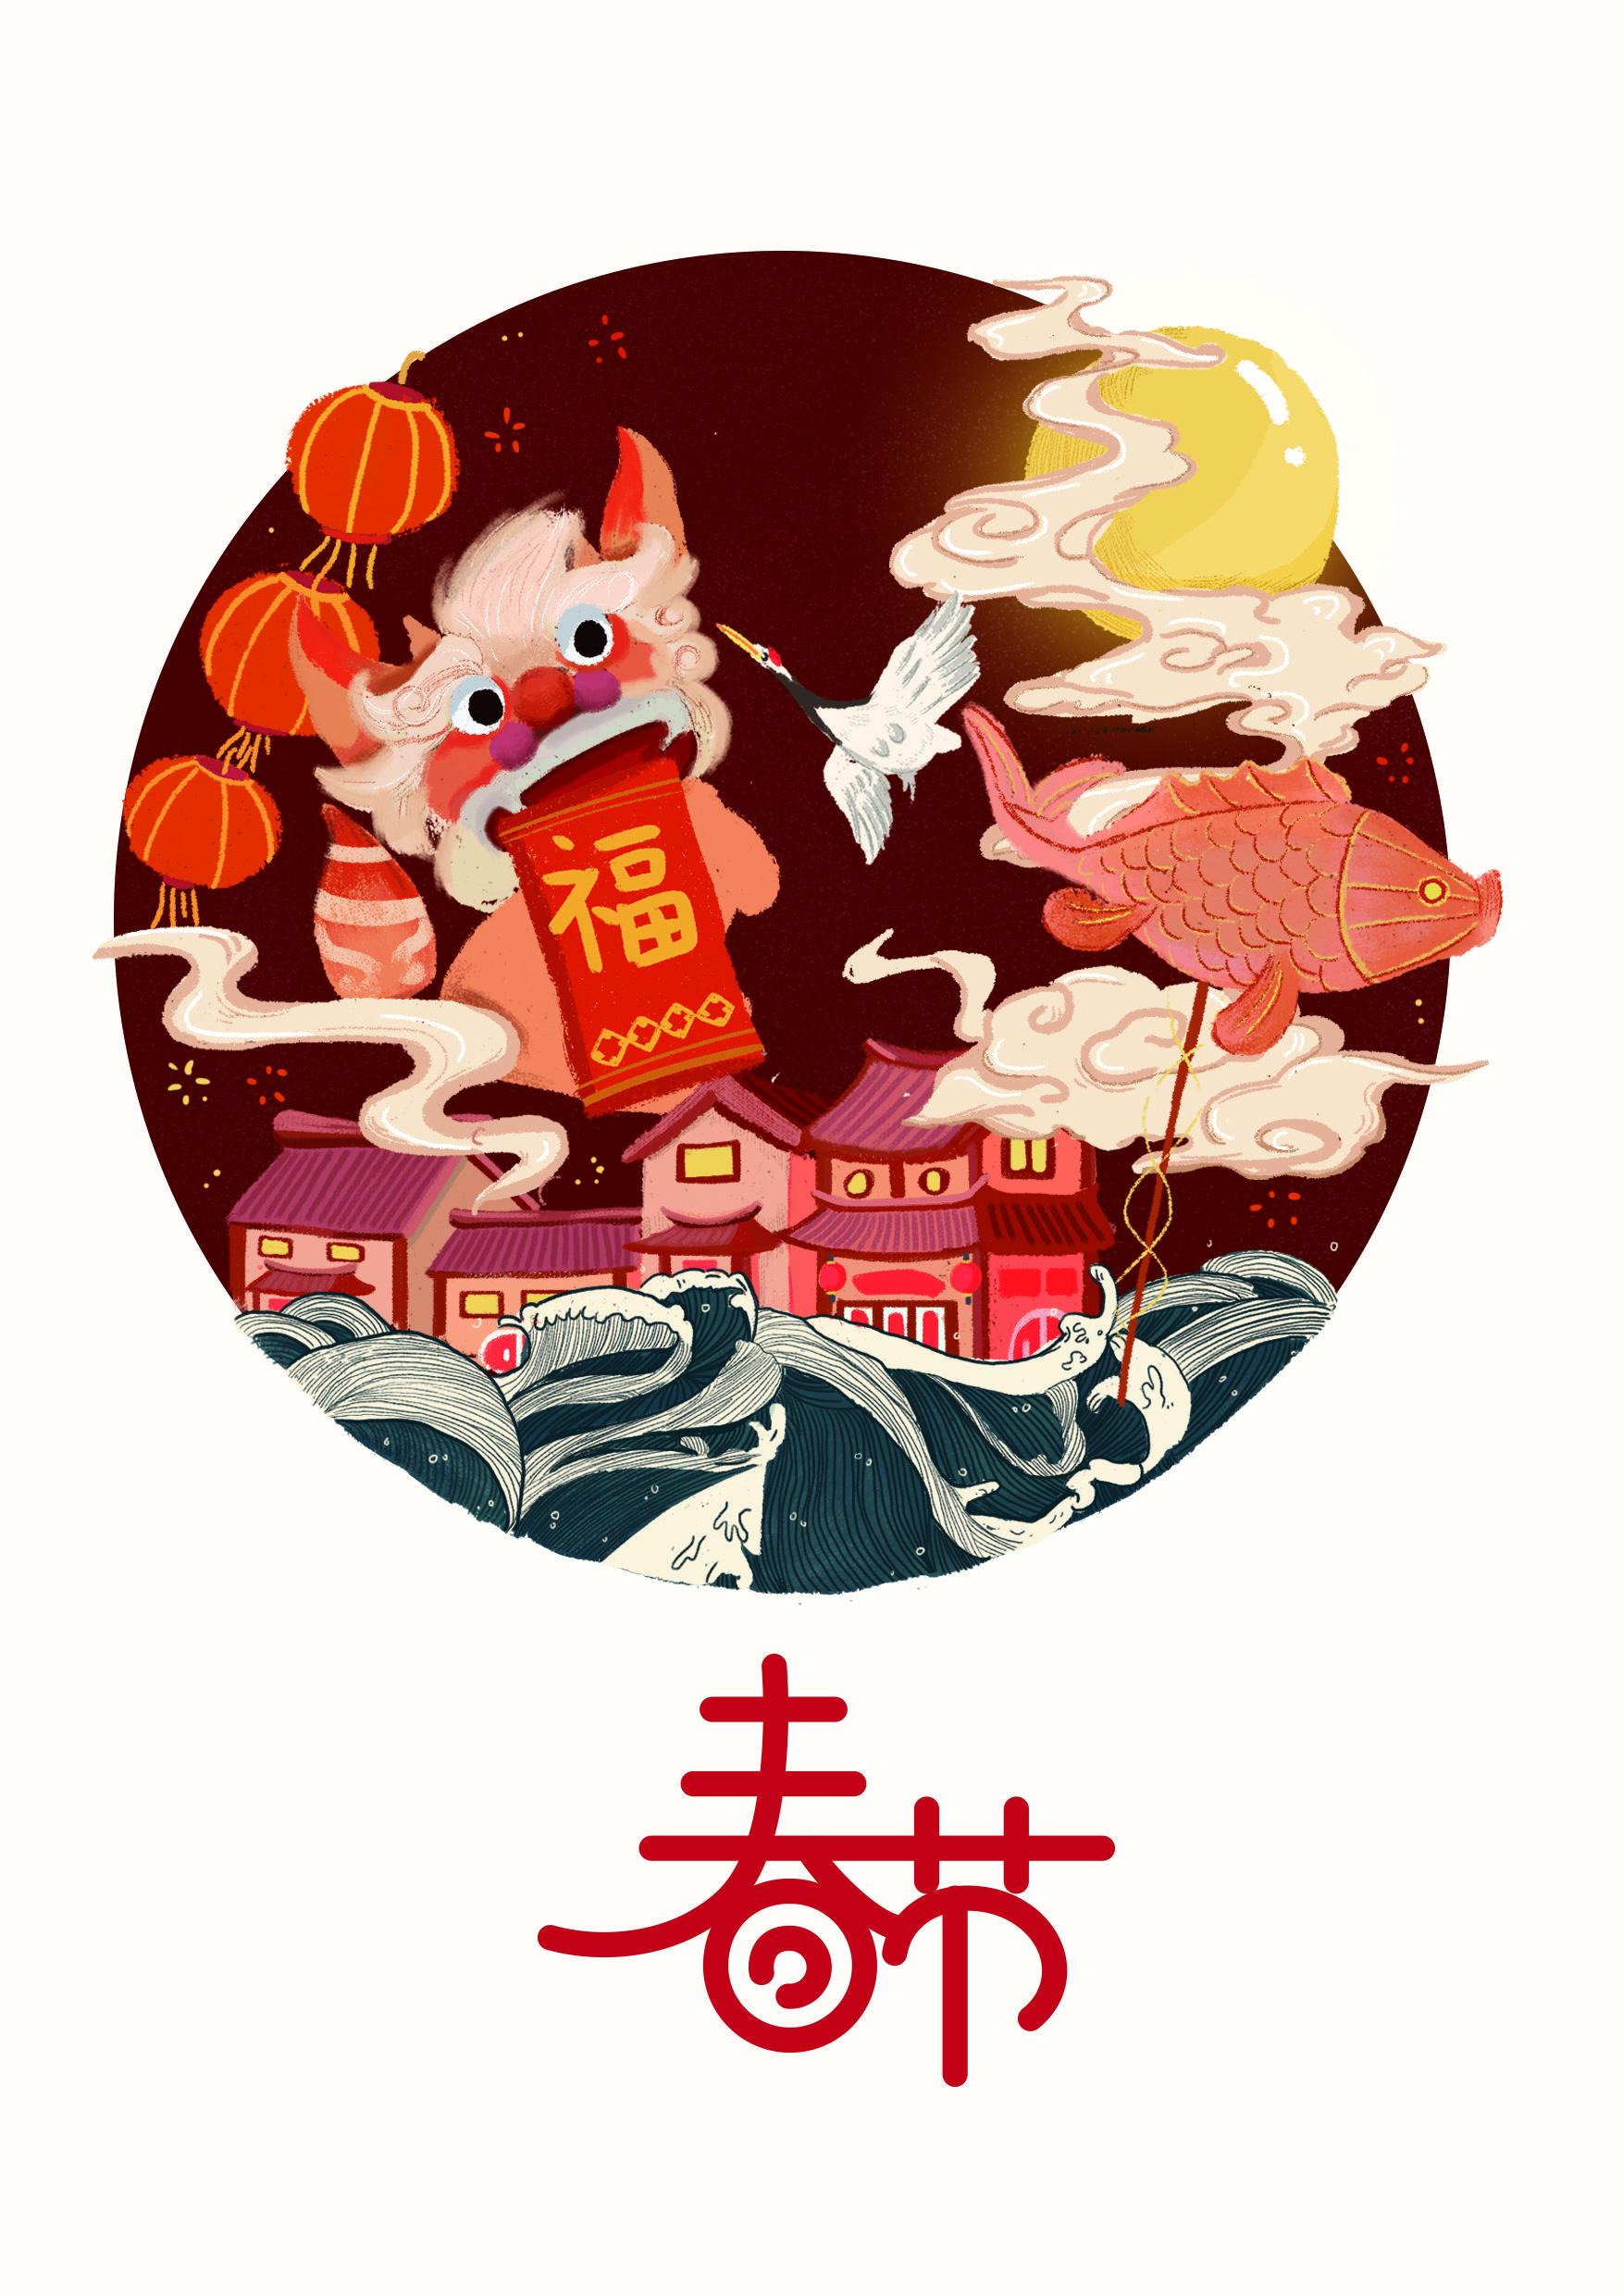 Idea by 徐清圆 on 我的收藏 in 2020